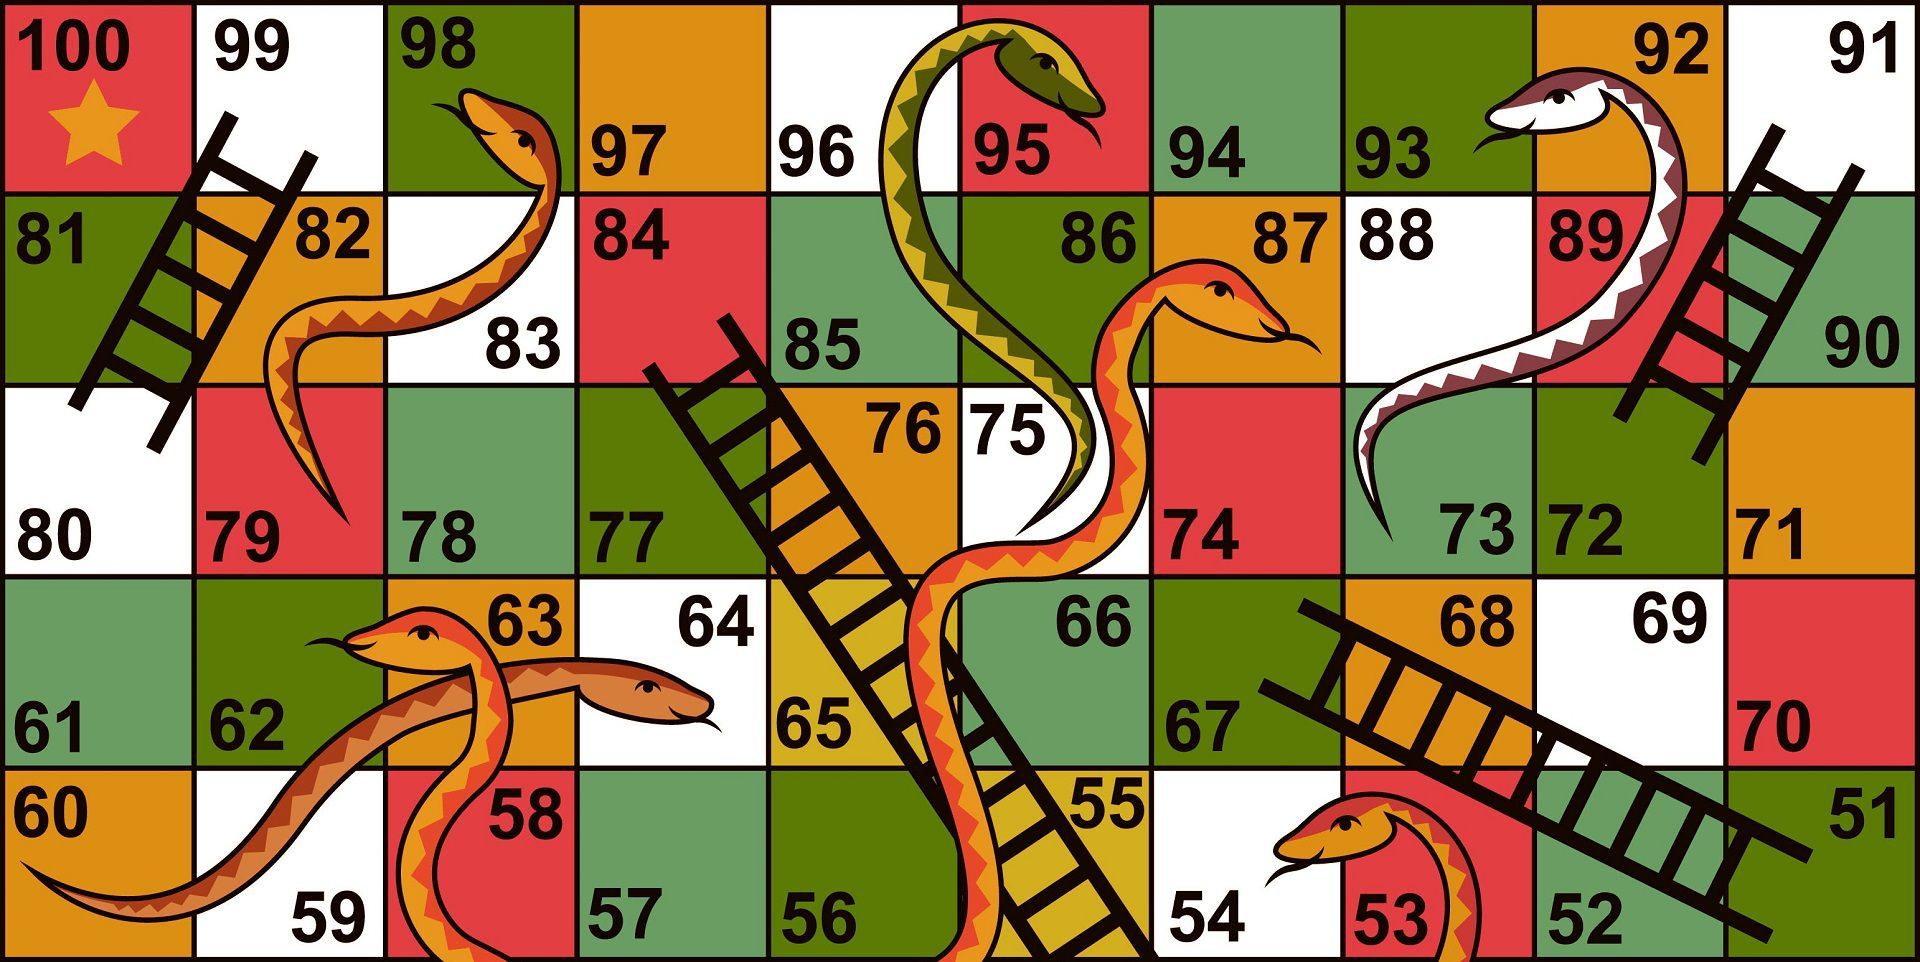 بازی مار و پله با نمایش خانه های رنگی شماره گذاری شده و نردبان و مارها